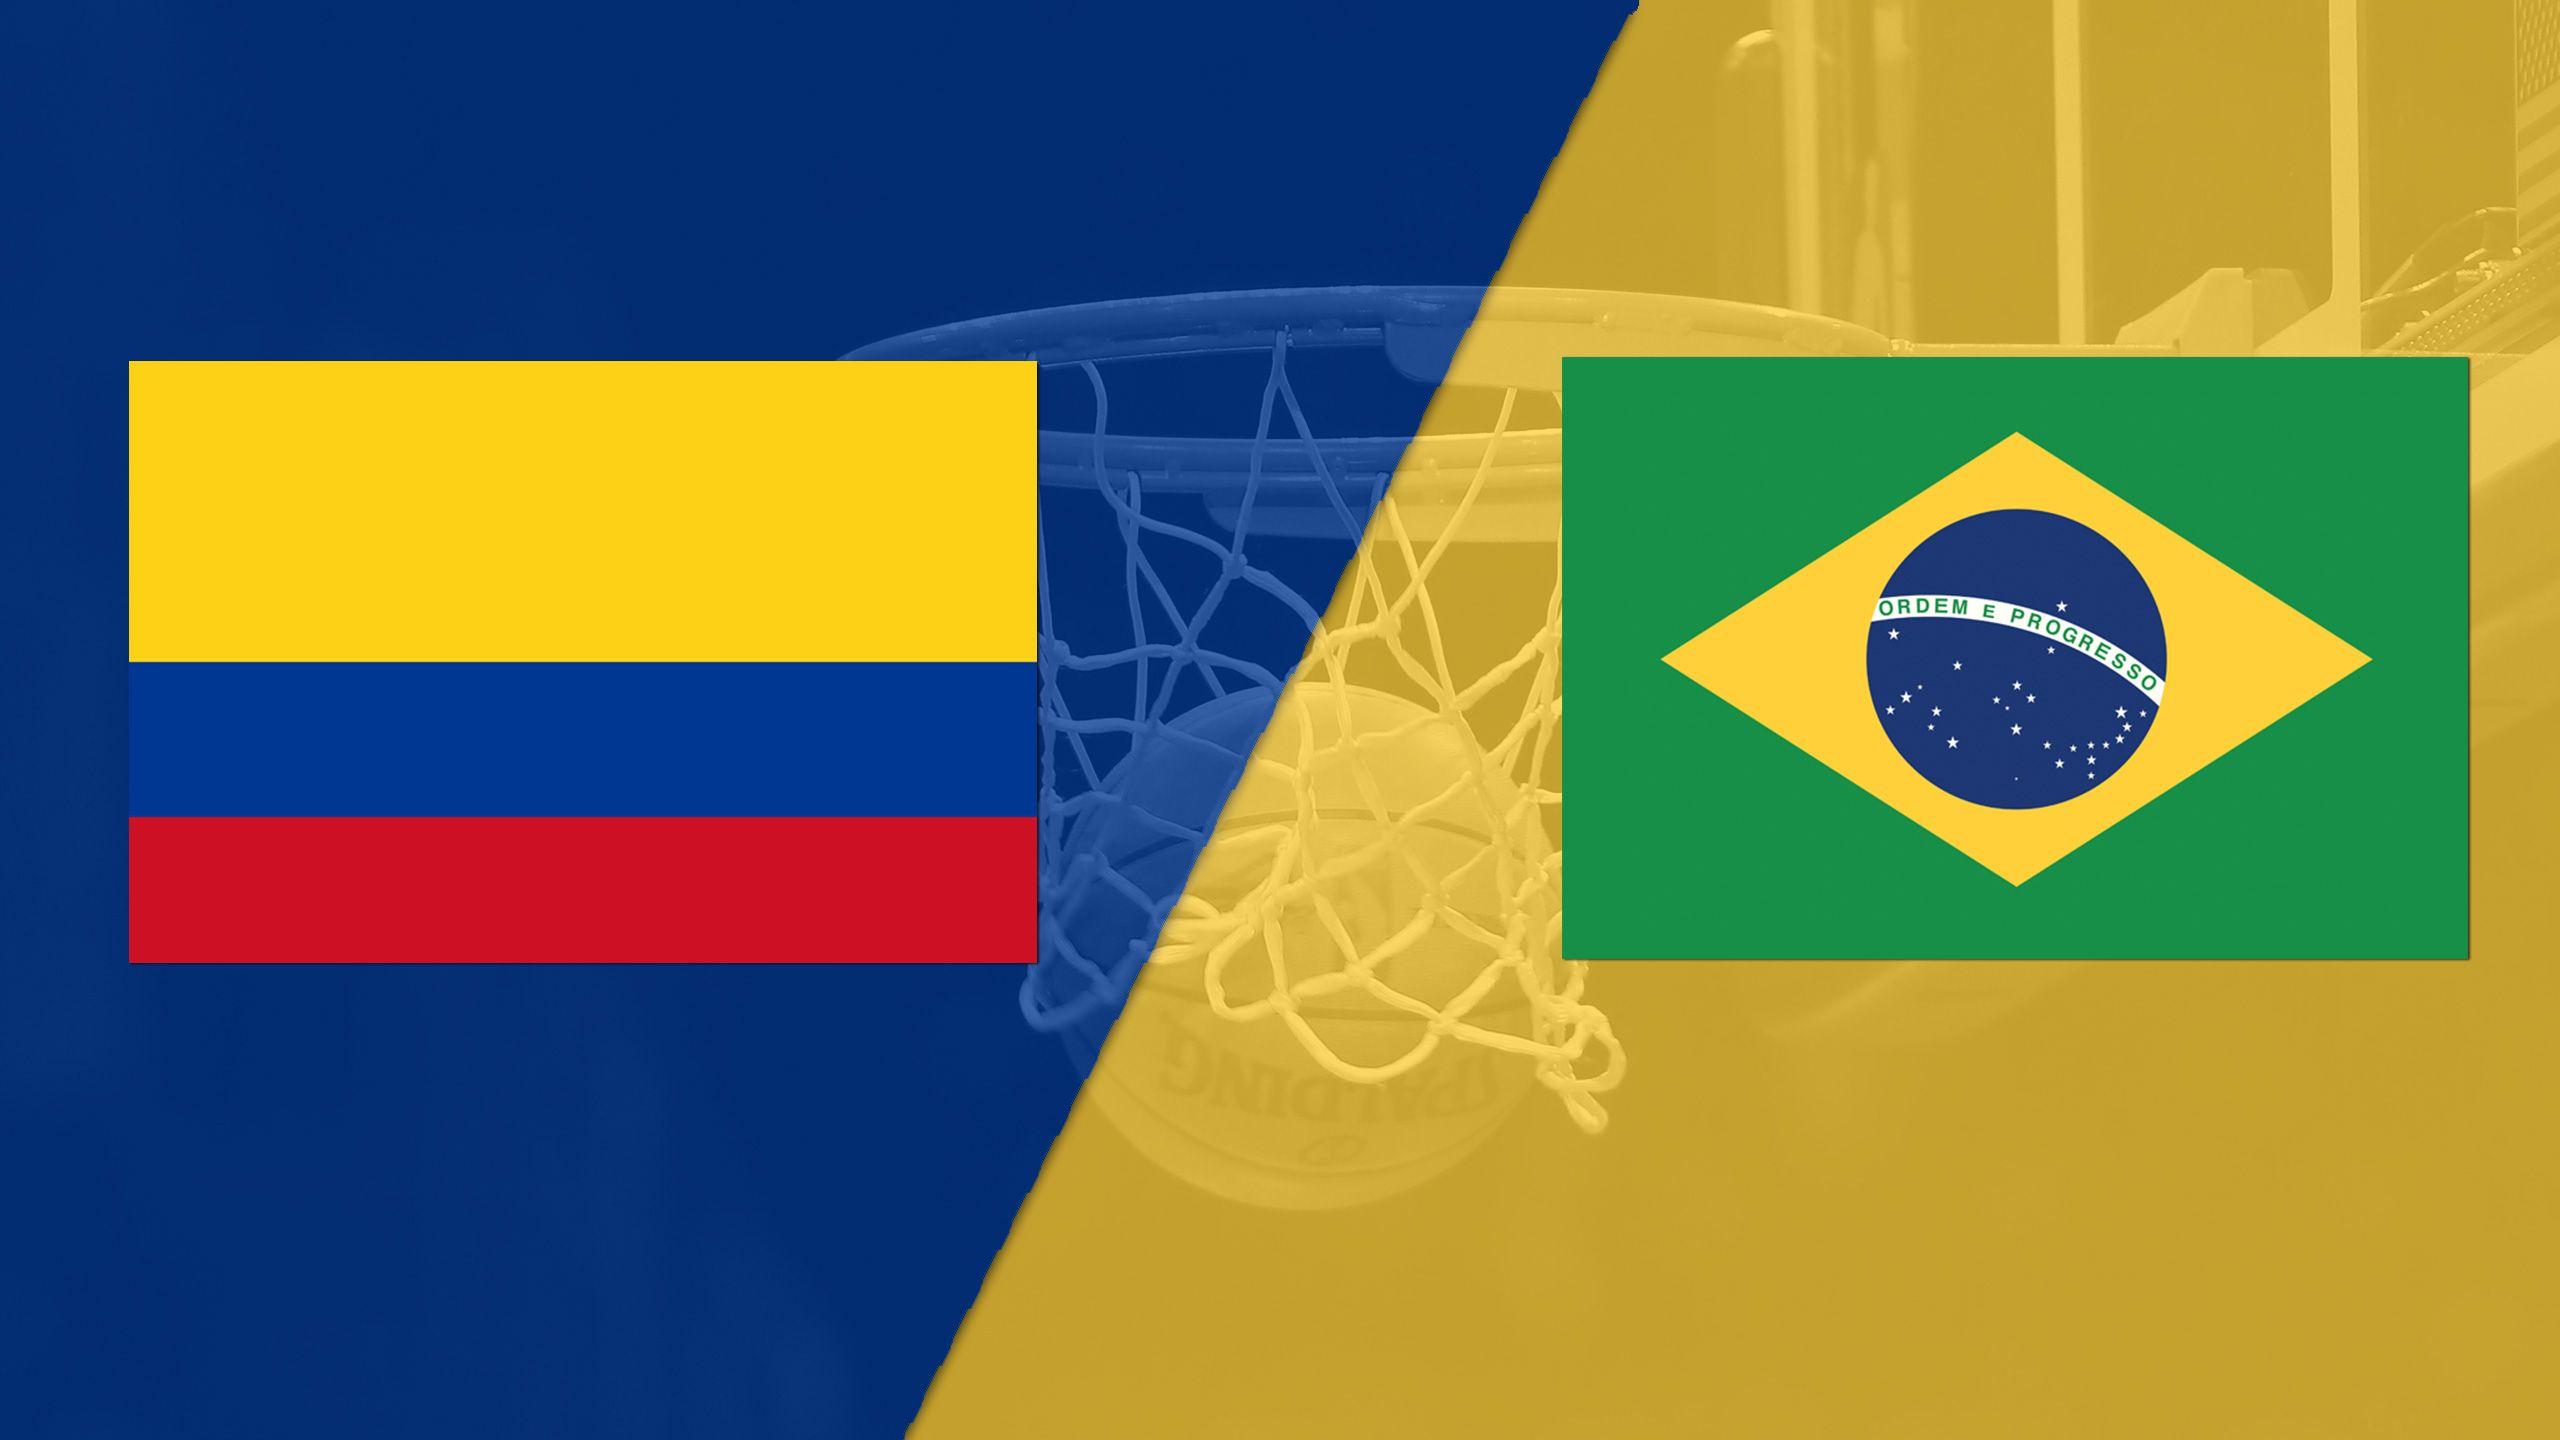 Colombia vs. Brazil (FIBA World Cup 2019 Qualifier)